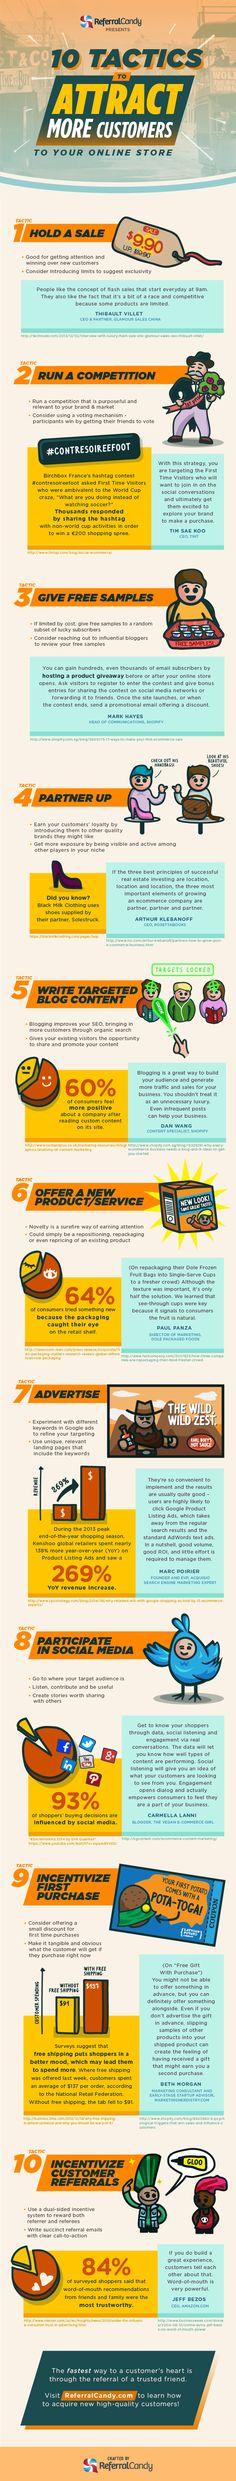 Store Marketing Tactics